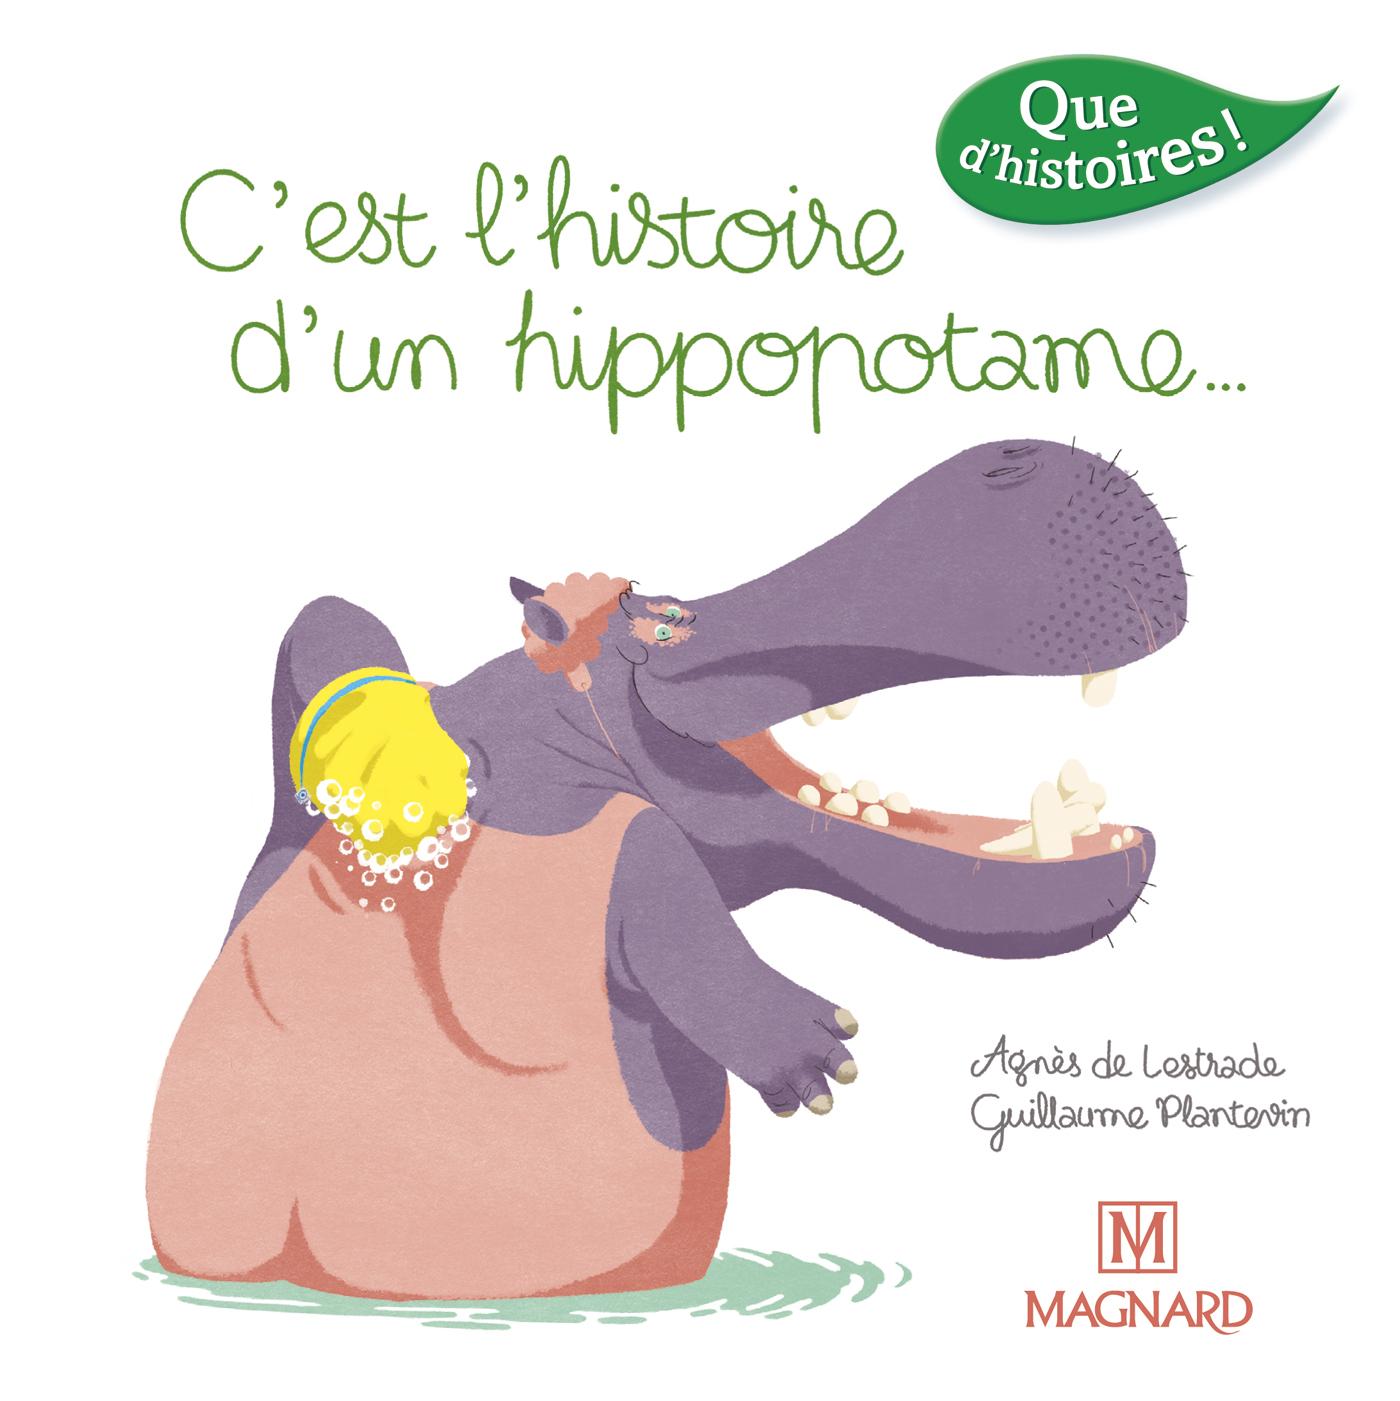 QUE D'HISTOIRES CP SERIE 3 C'EST L'HISTOIRE D'UN HIPPOPOTAME